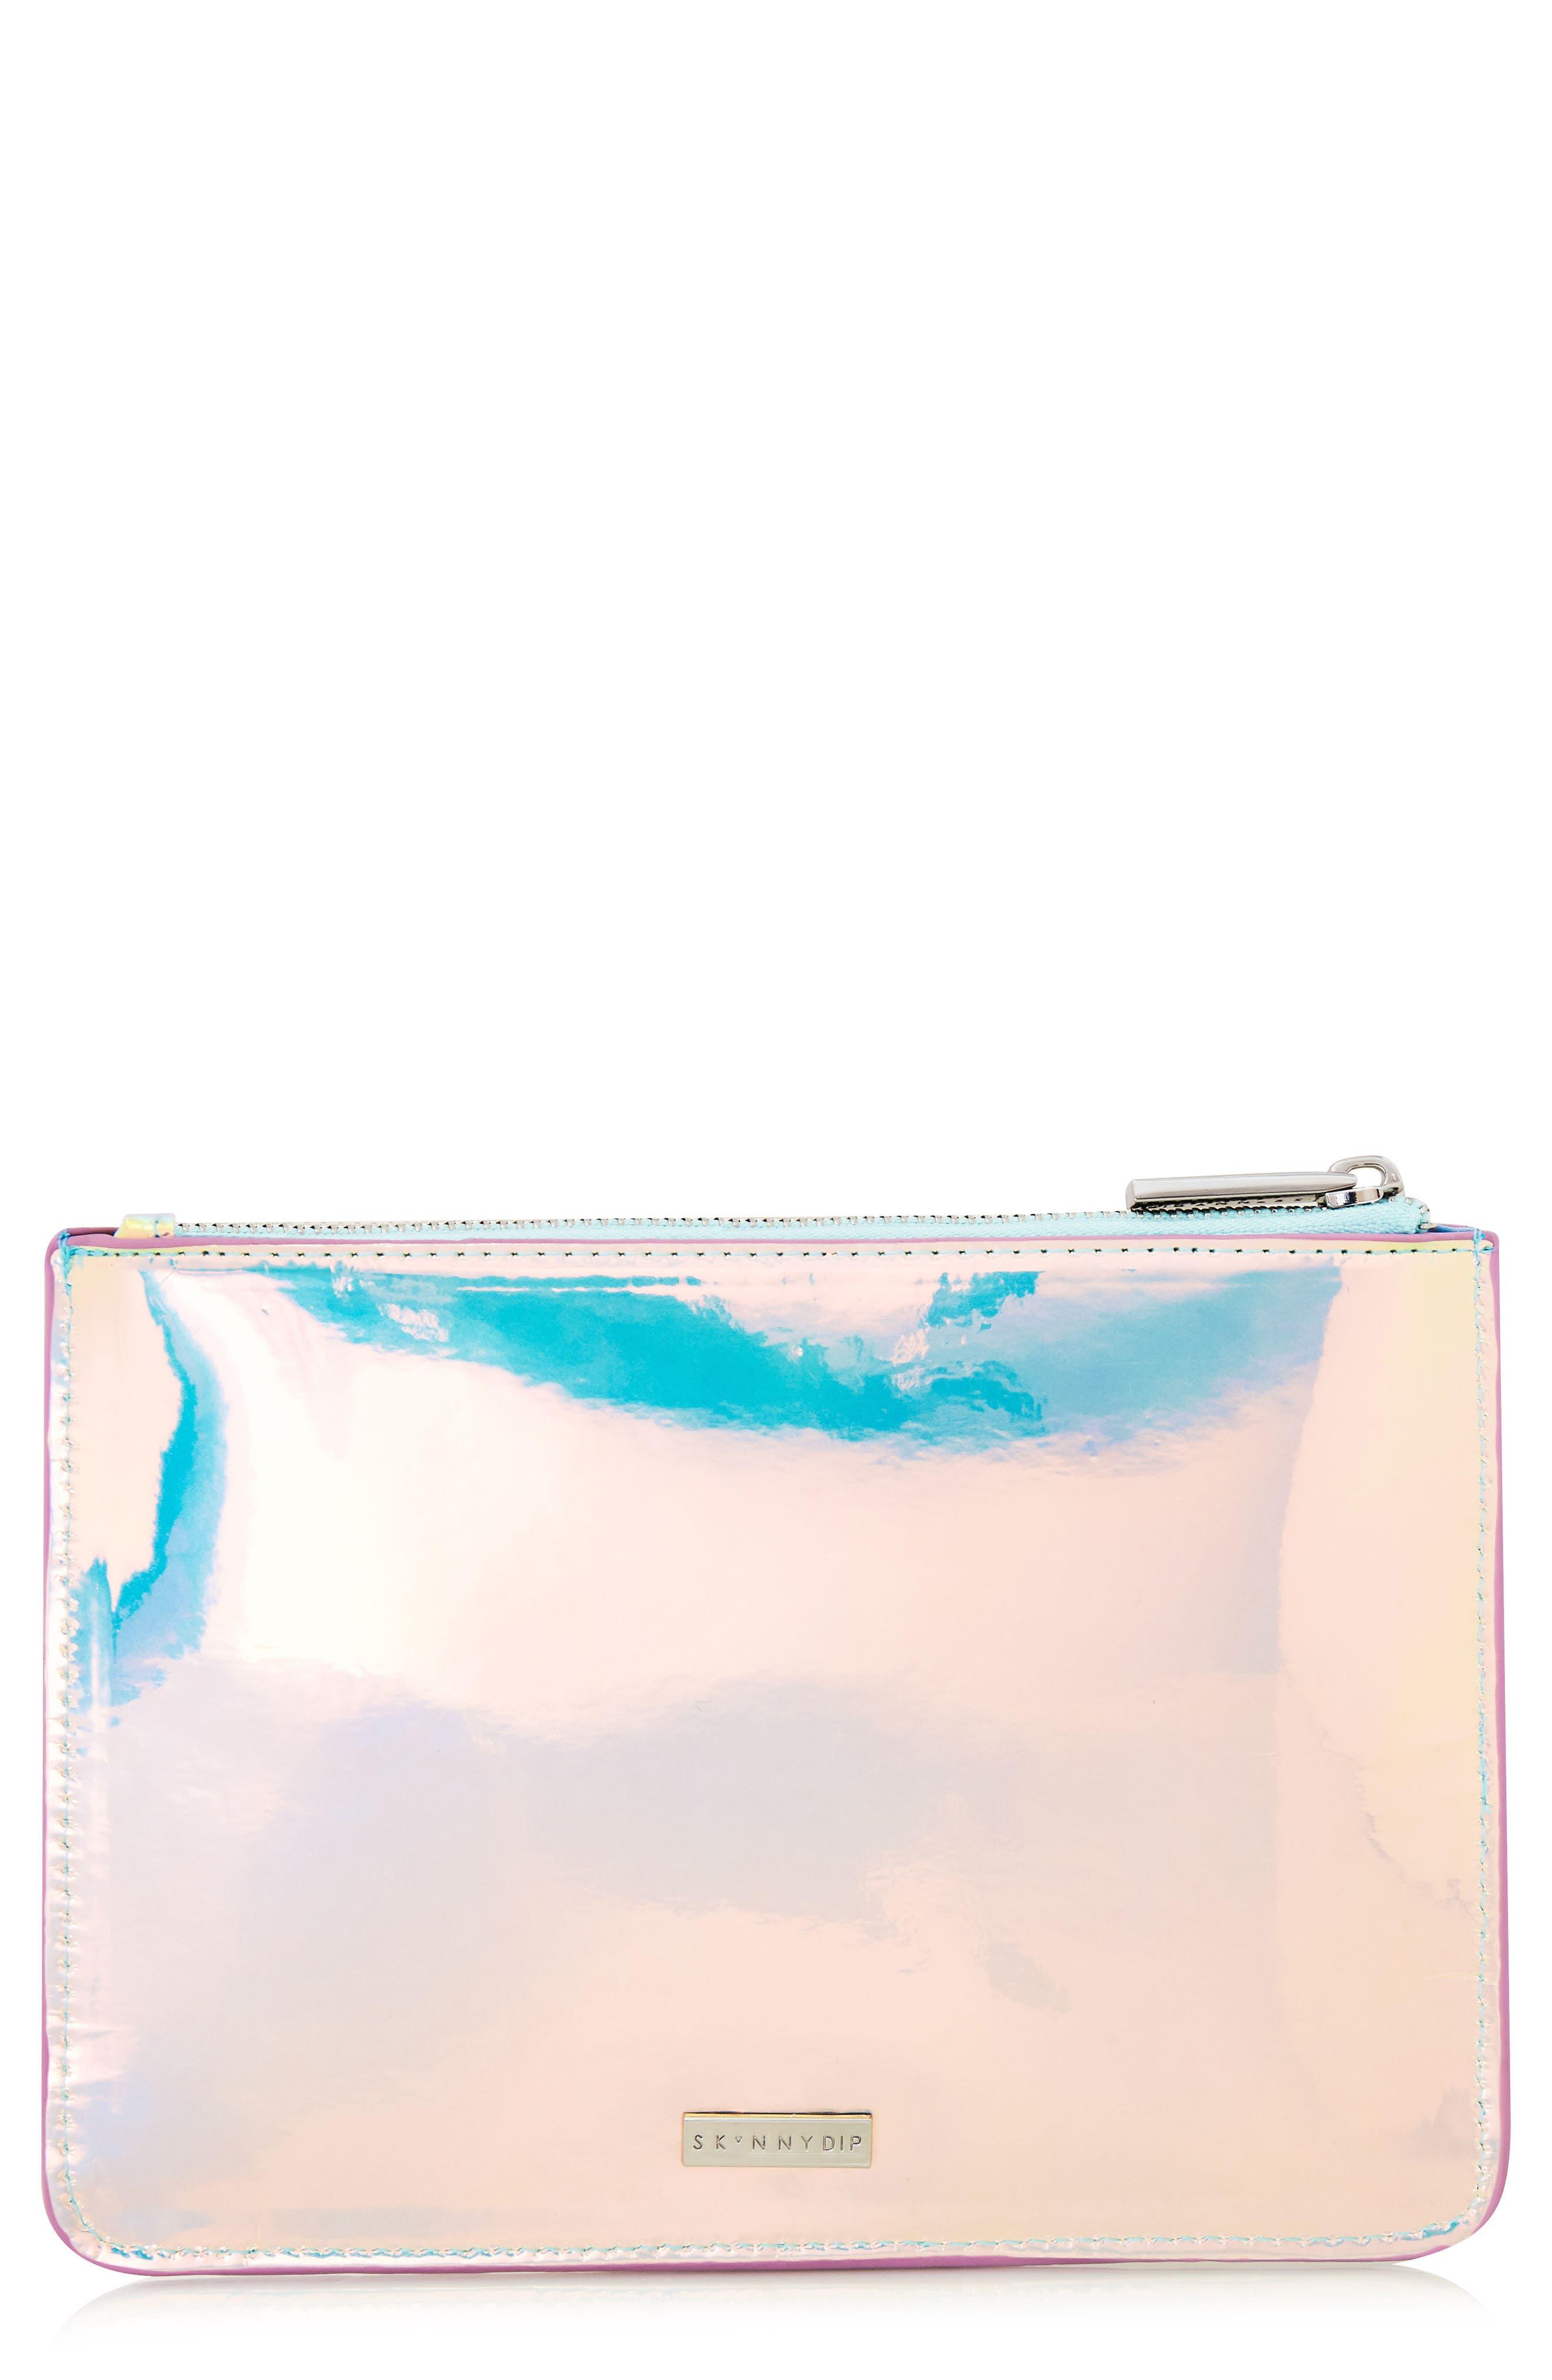 Alternate Image 1 Selected - Skinny Dip Ocean Makeup Bag